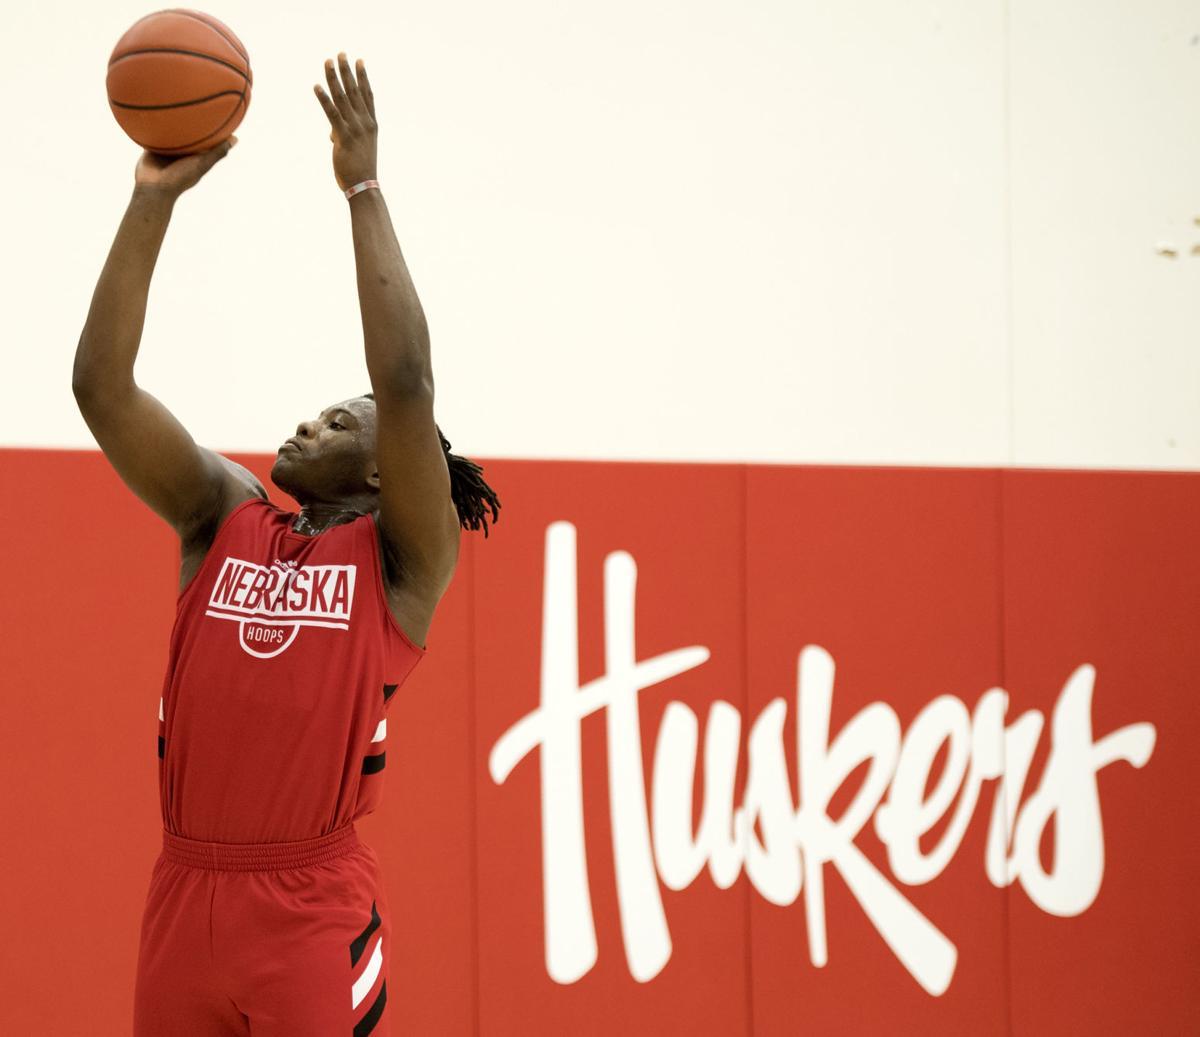 Nebraska hoops practice, 9.25